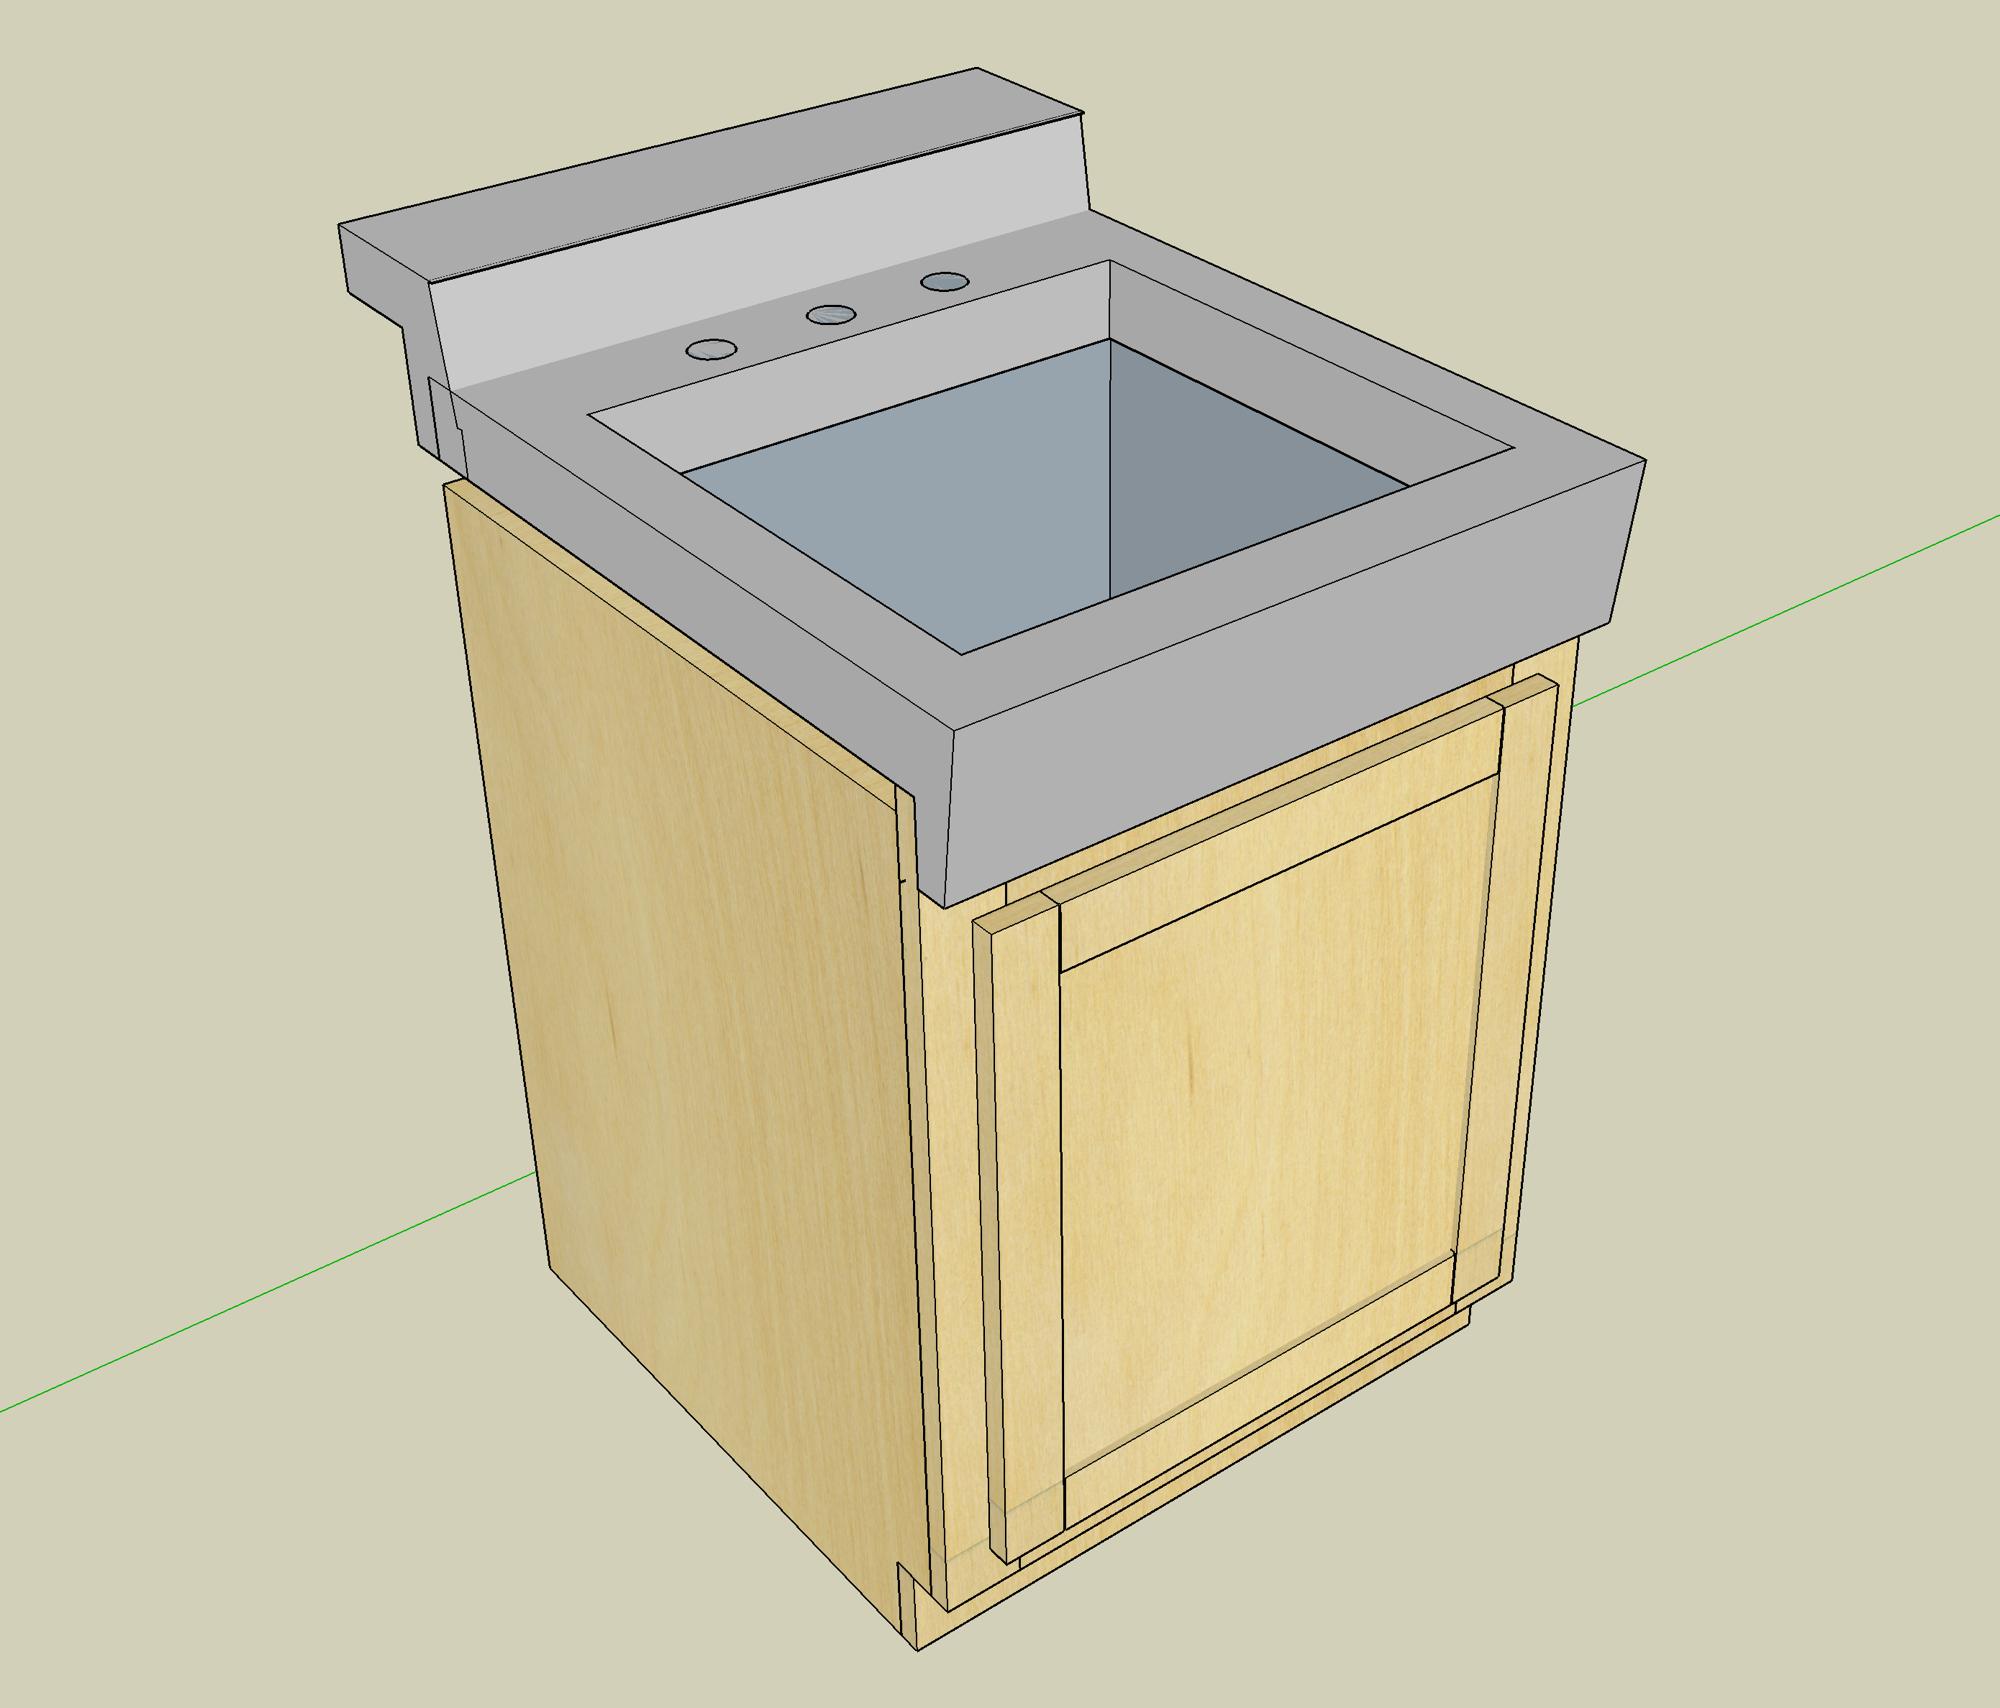 Utility Sink Model